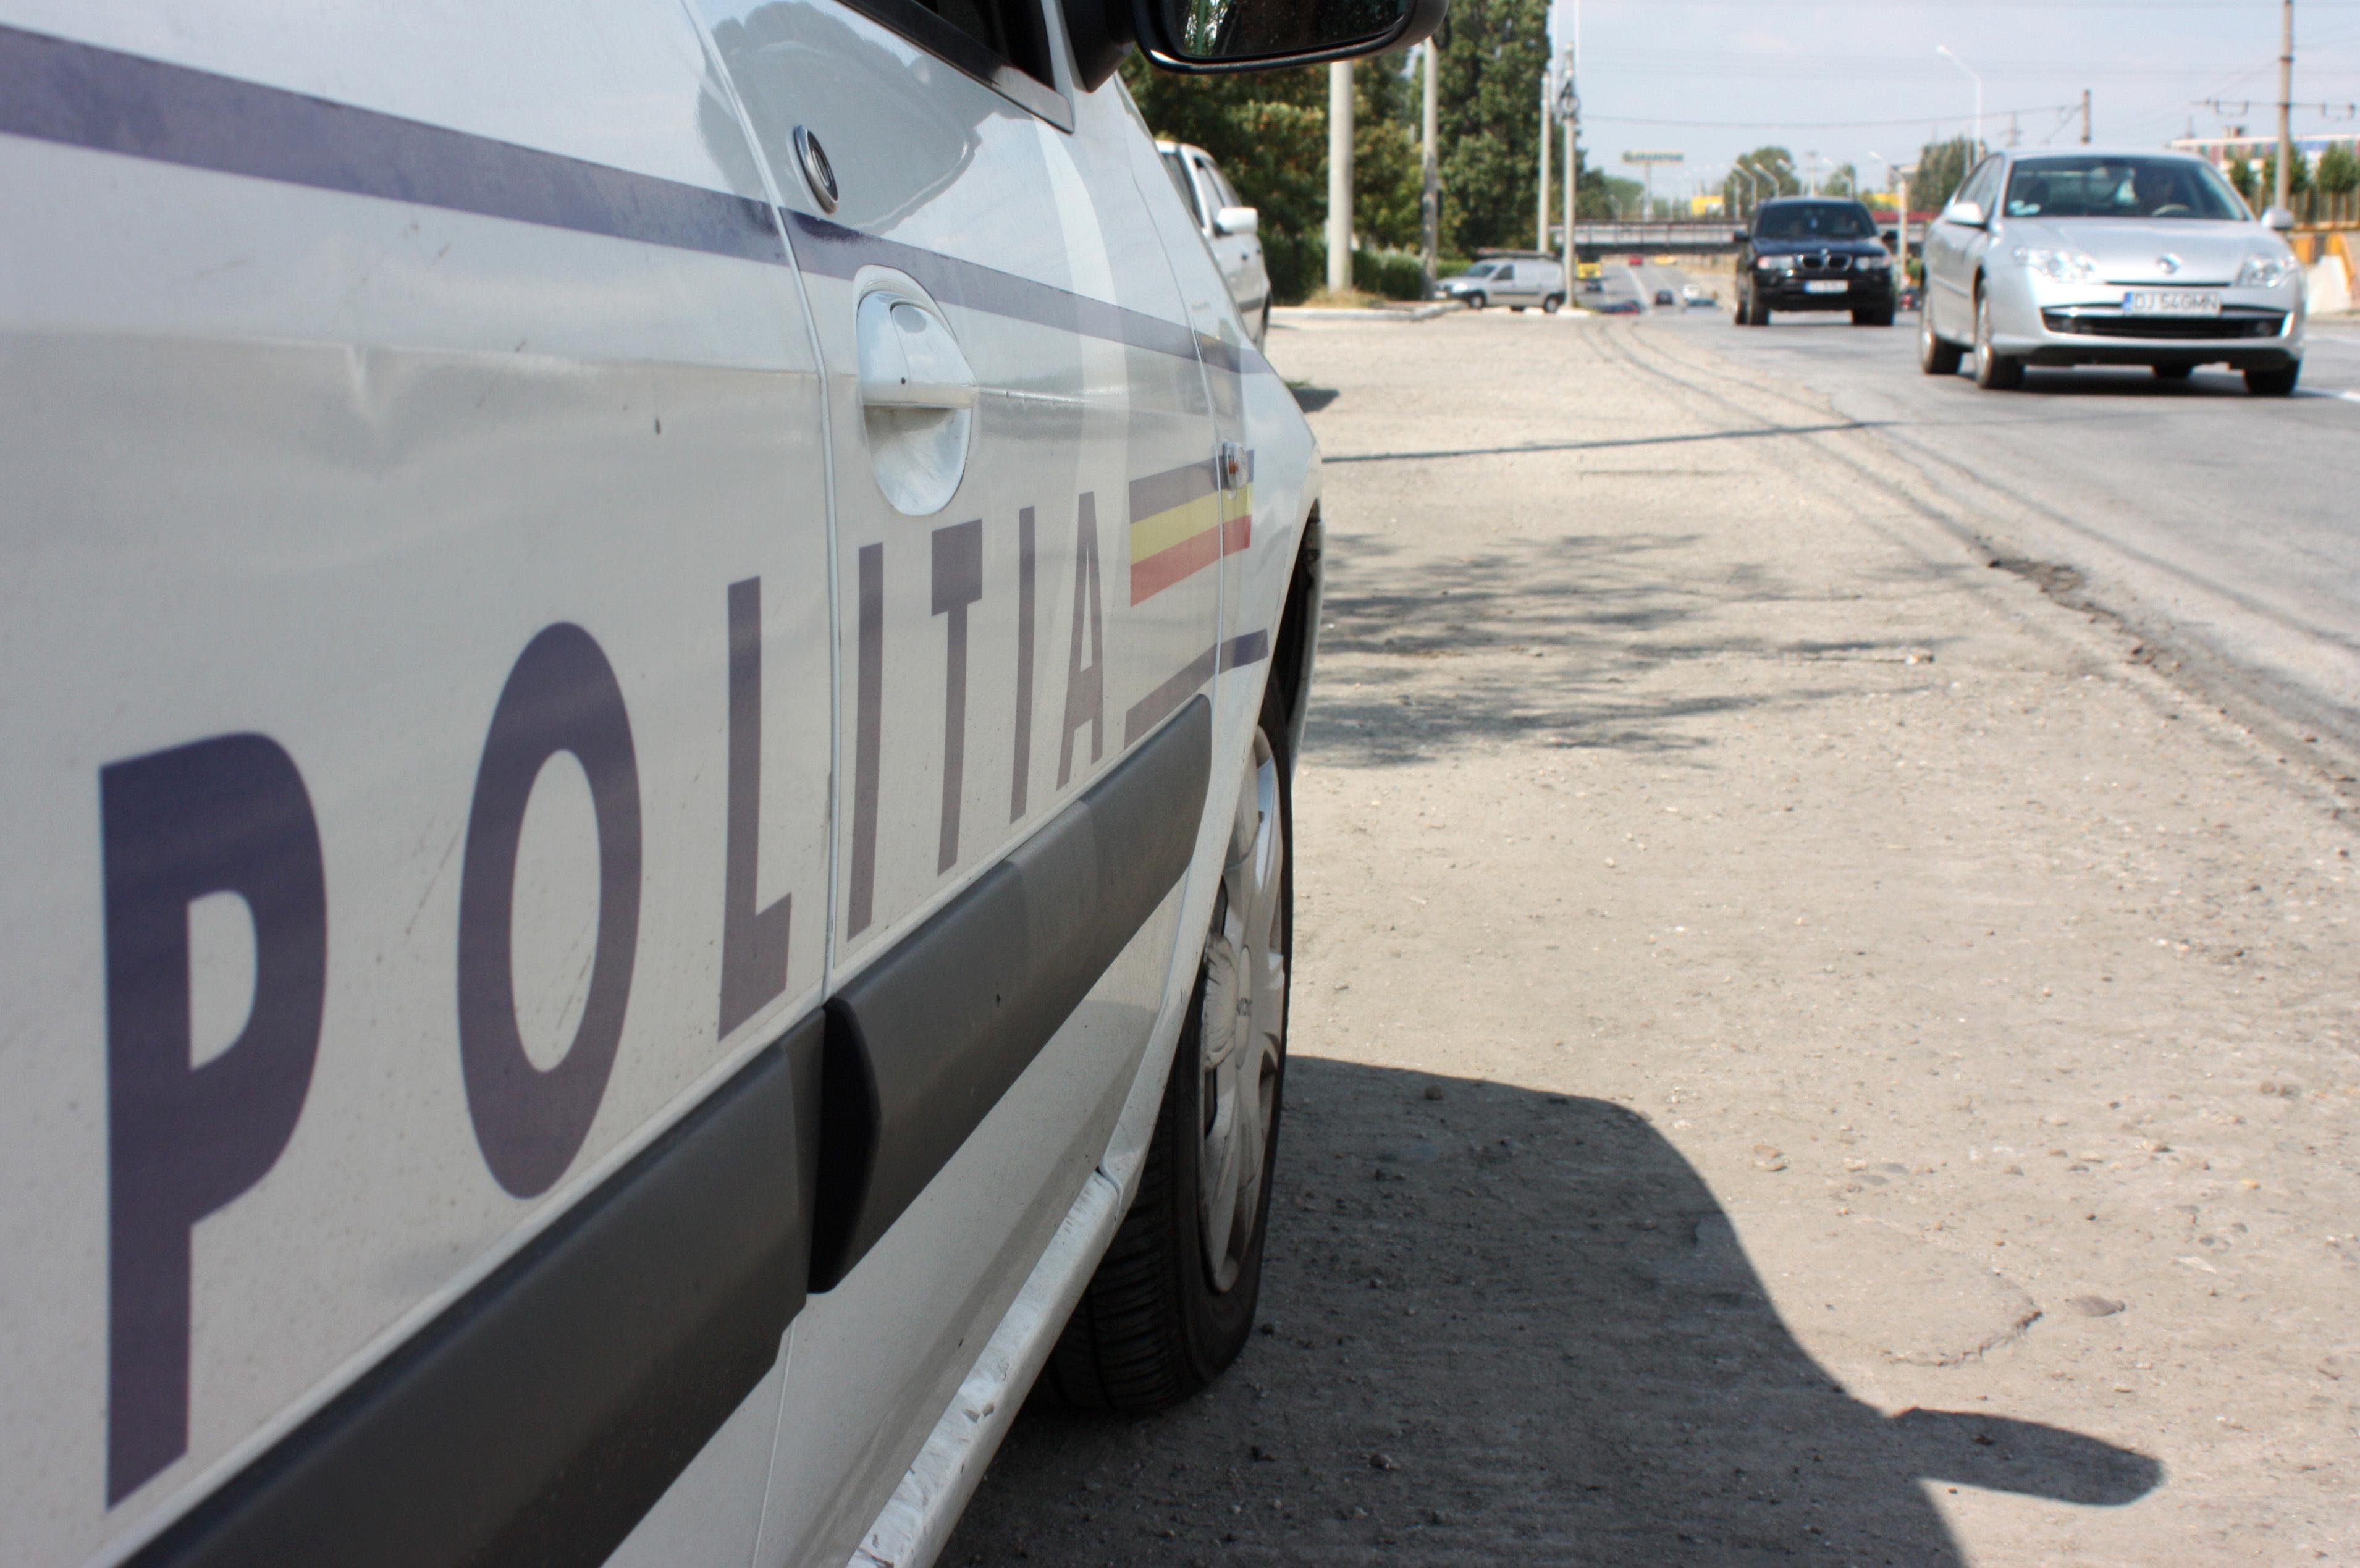 Galaţi: Tânărul căutat după ce a luat pe capota maşinii un poliţist s-a predat